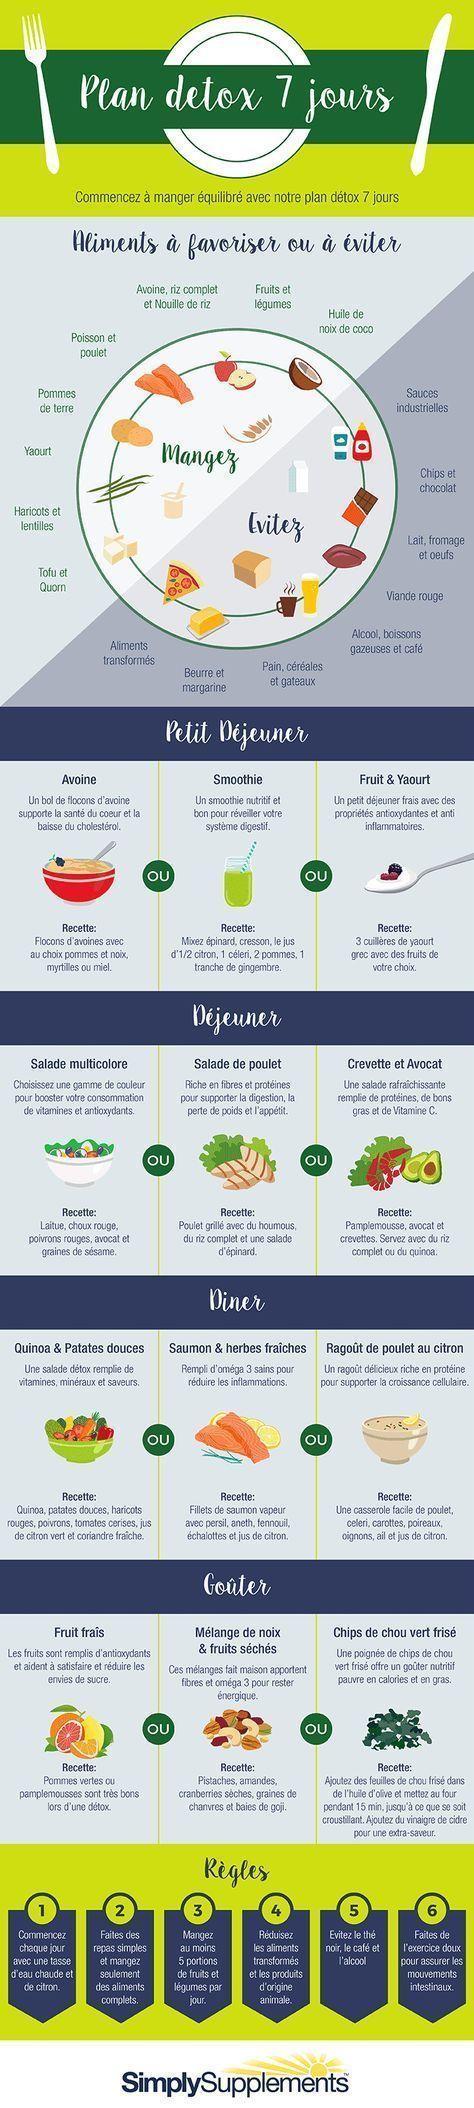 Détox après les fêtes : les bons plans pour éliminer les excès des repas